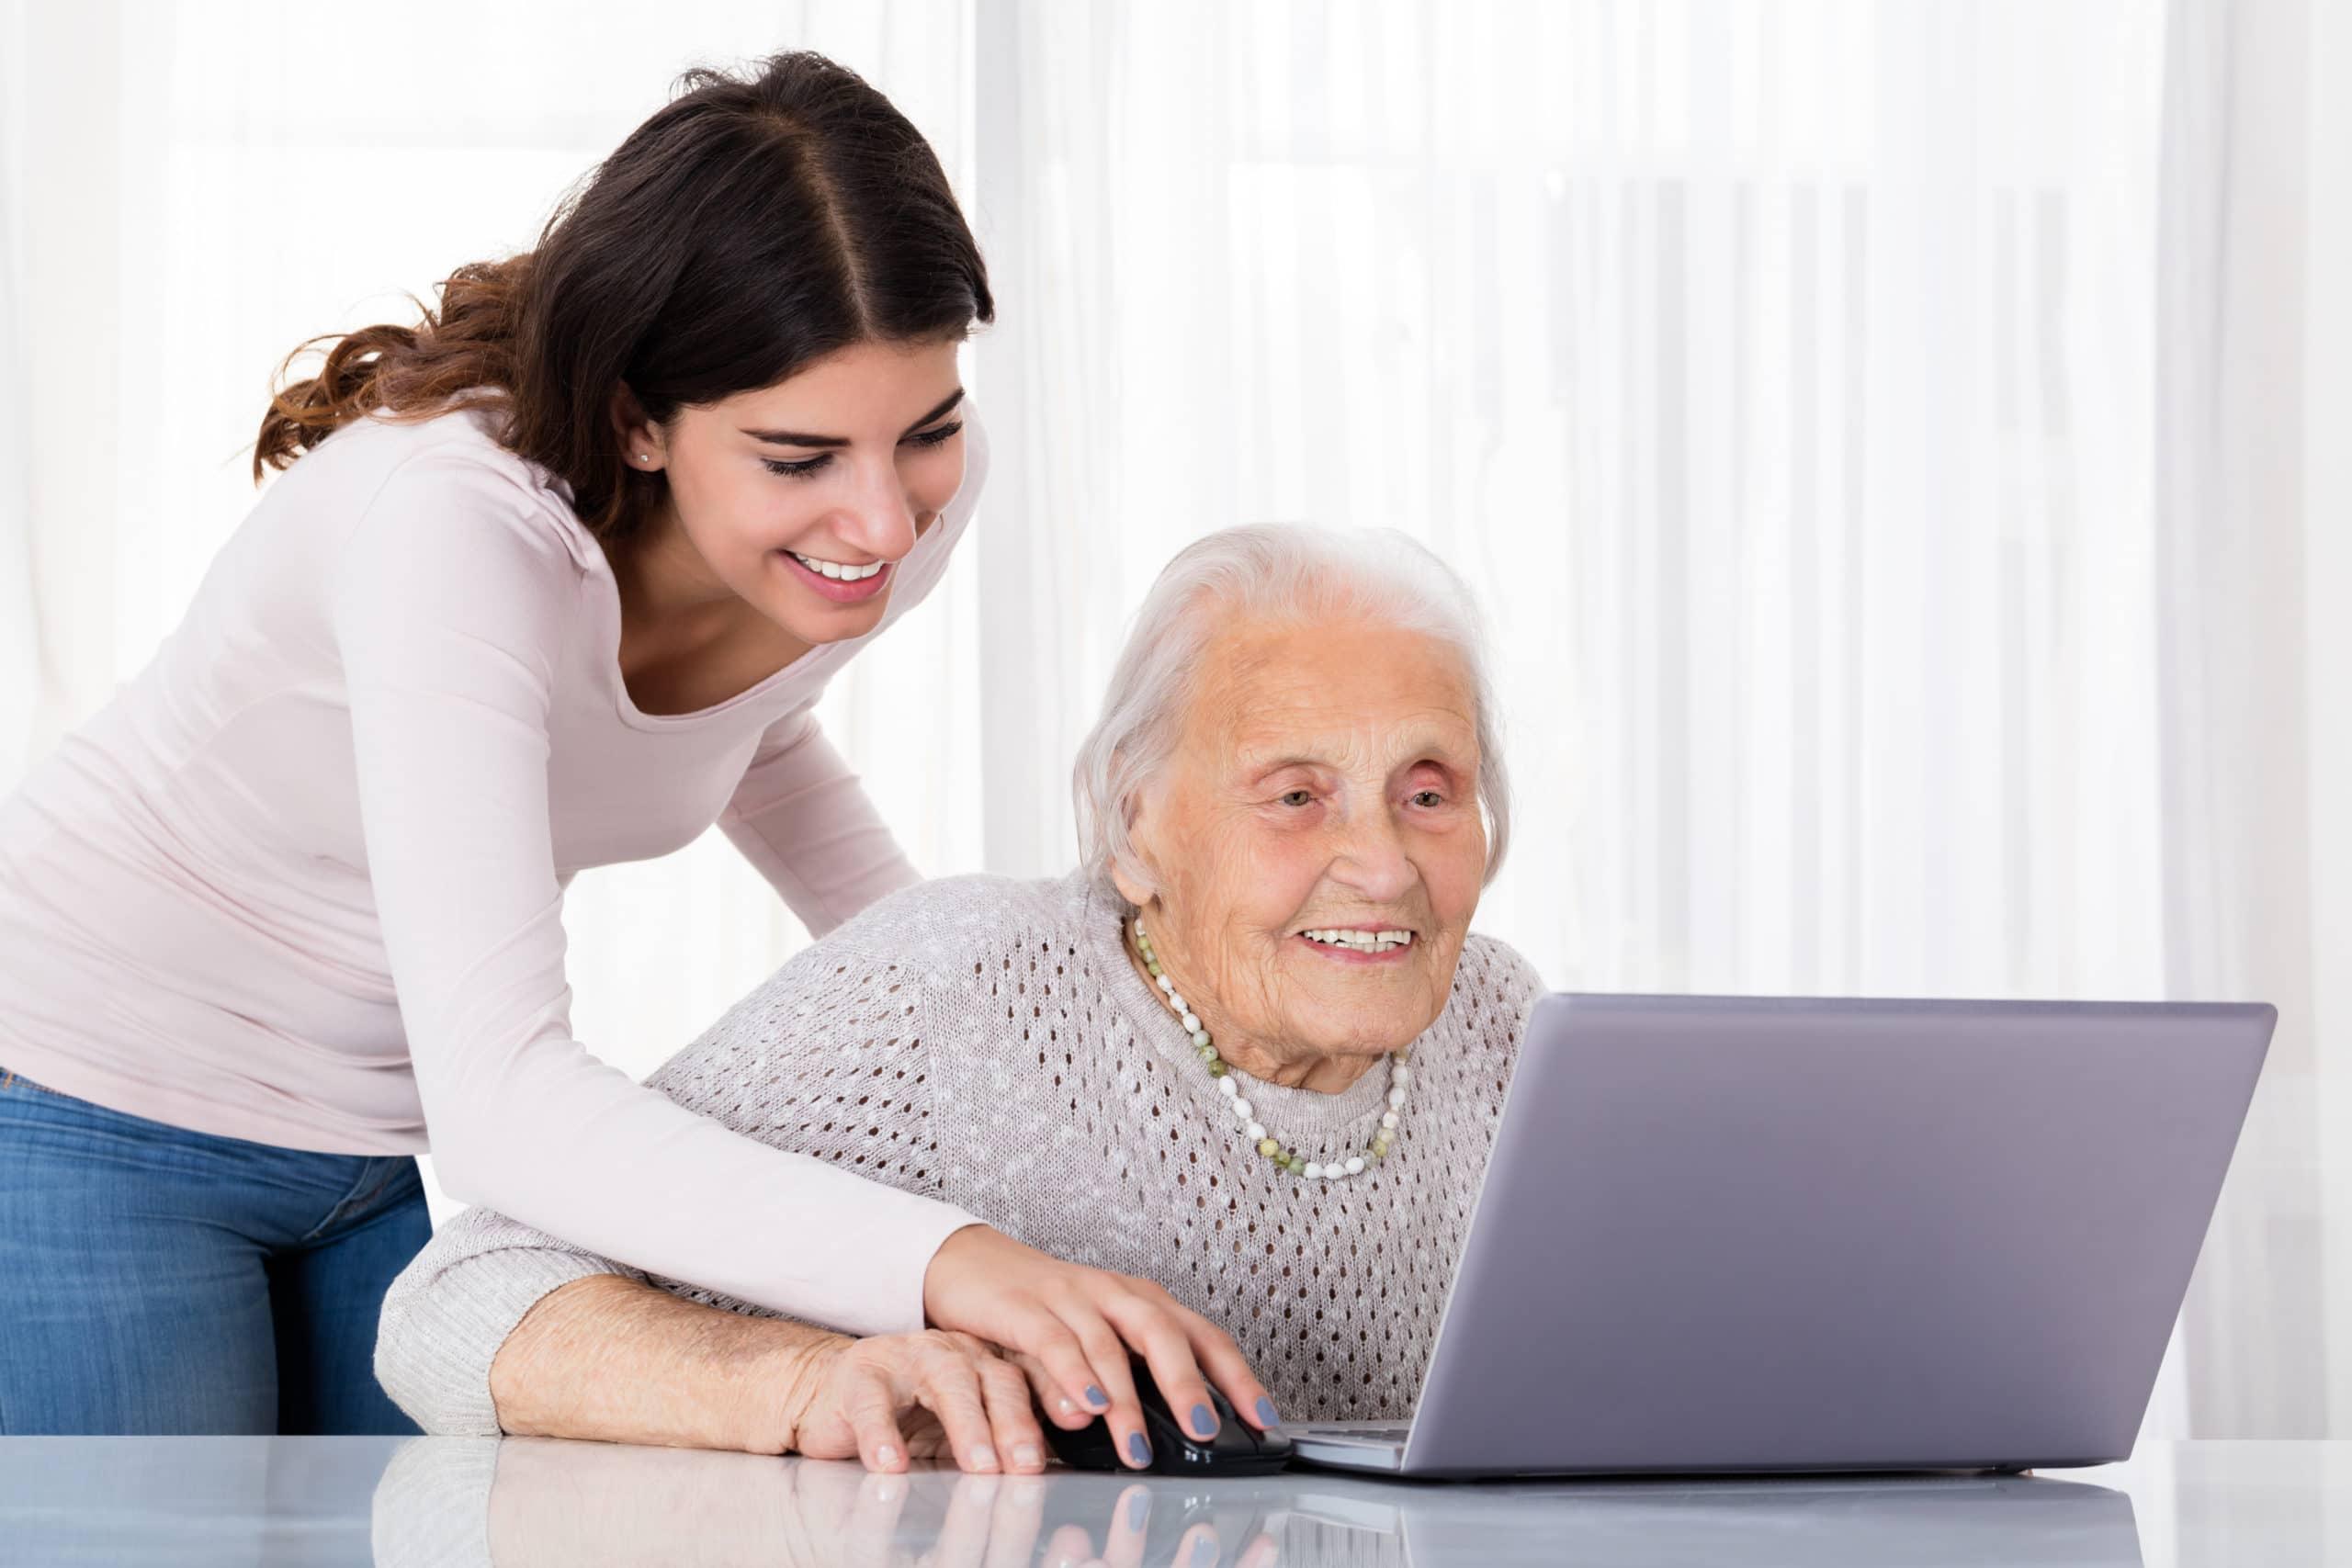 Formation et d'initiation aux outils informatiques, à domicile